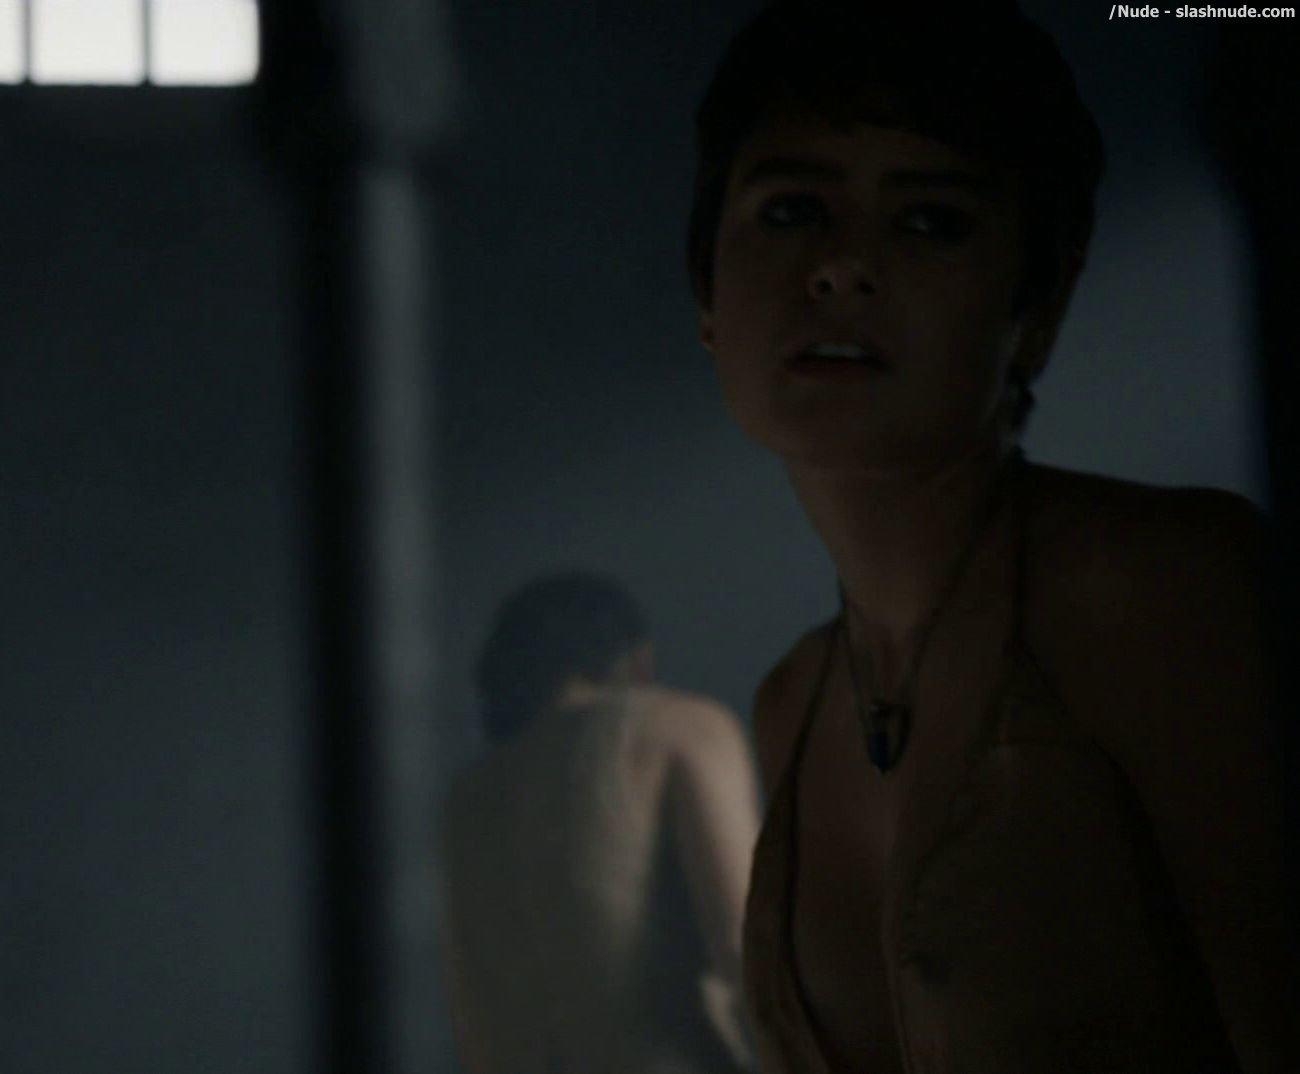 arab hot naked girl